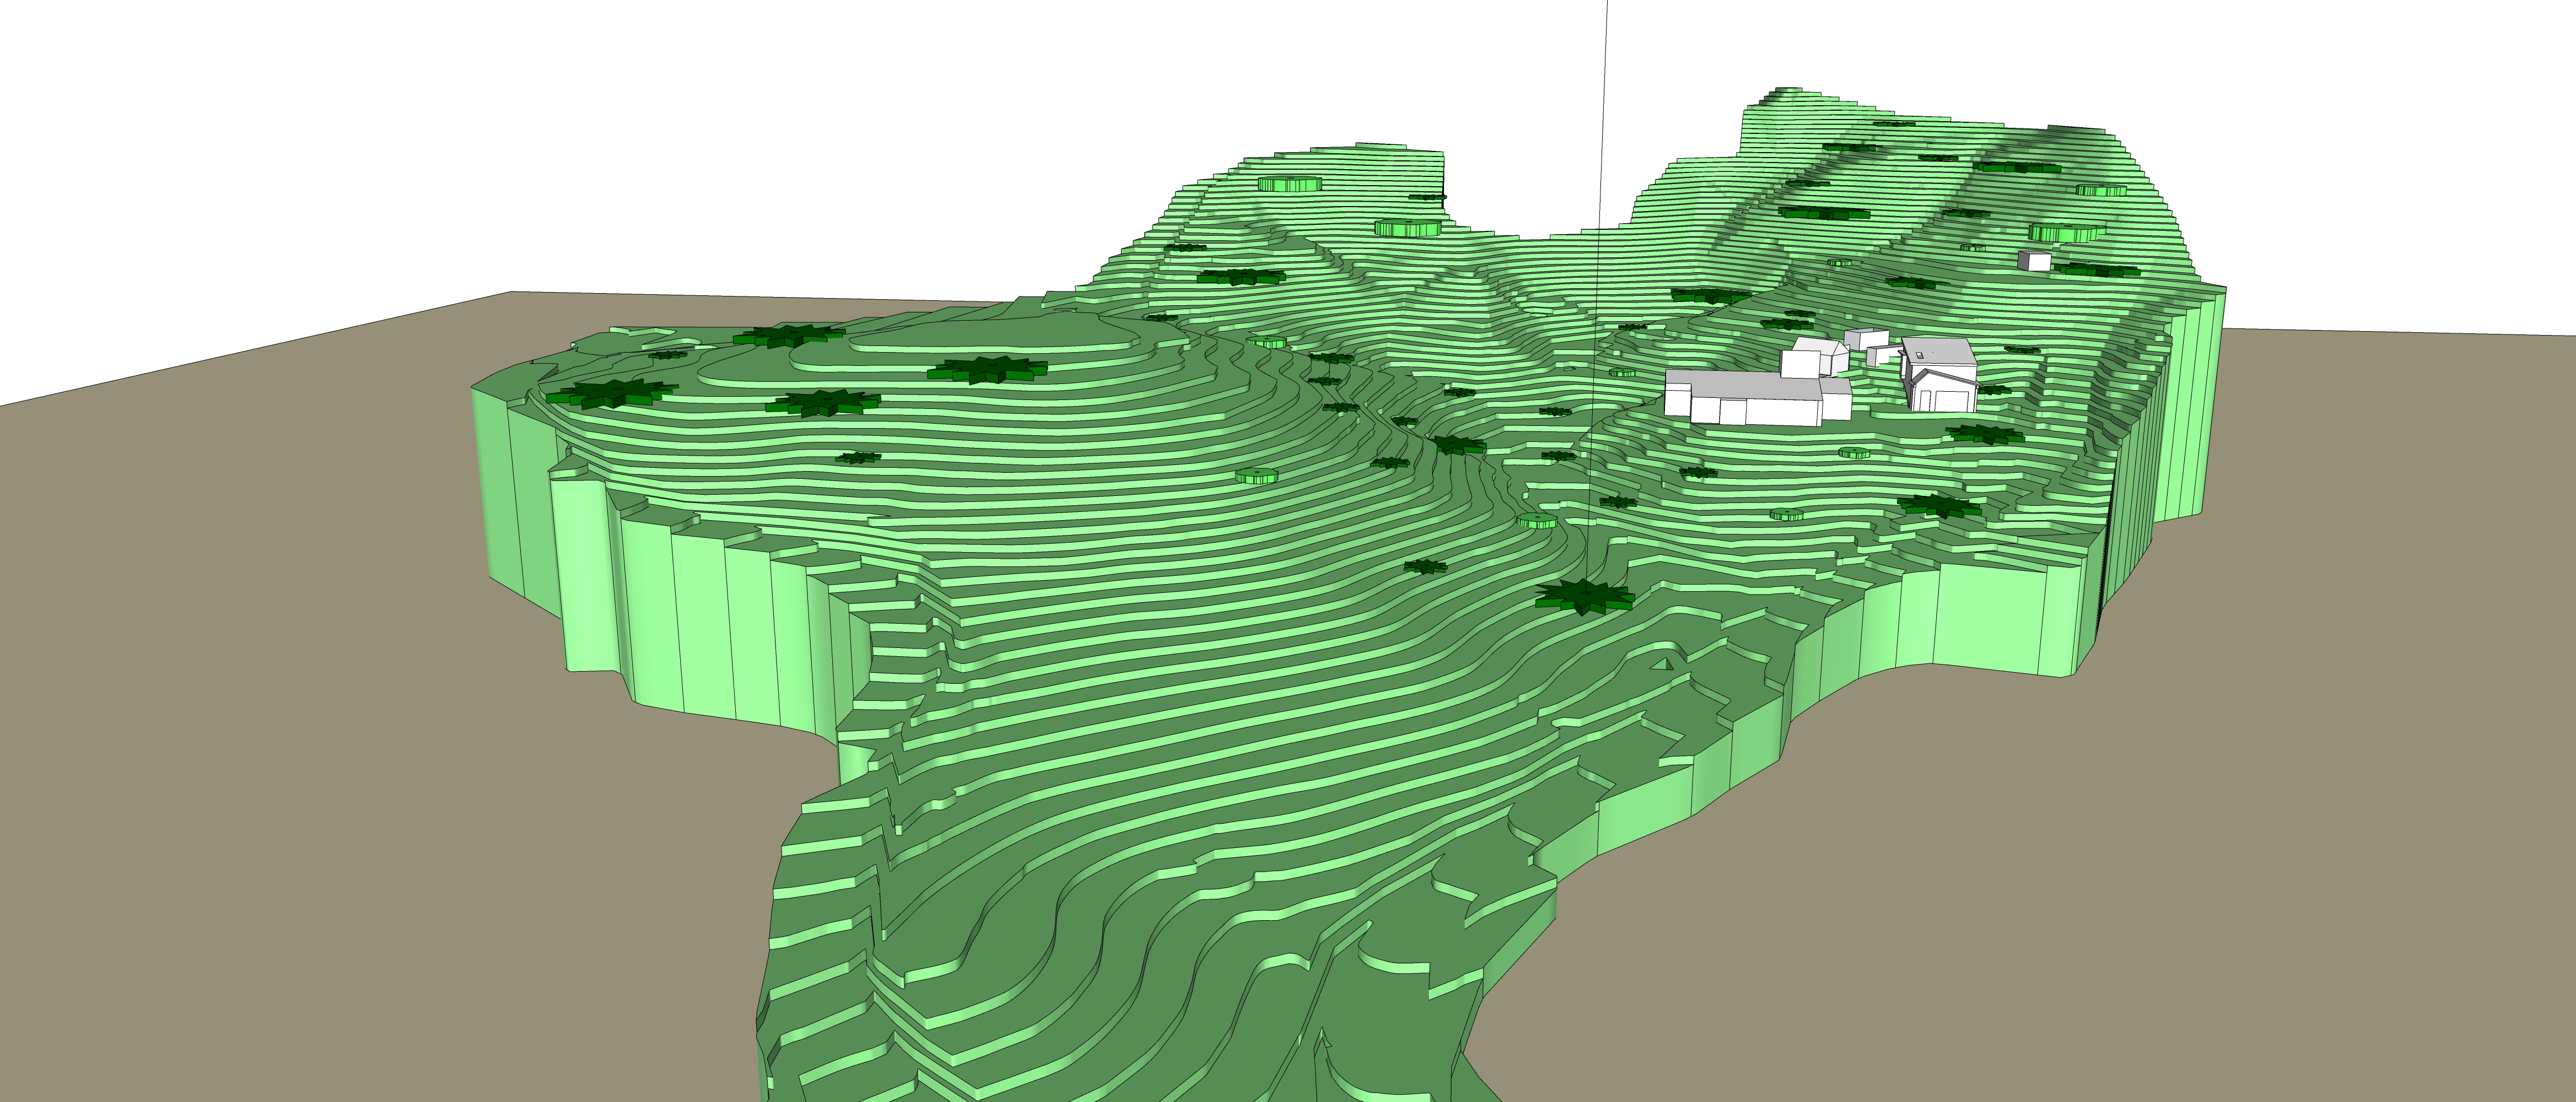 Stepped terrain 3D model